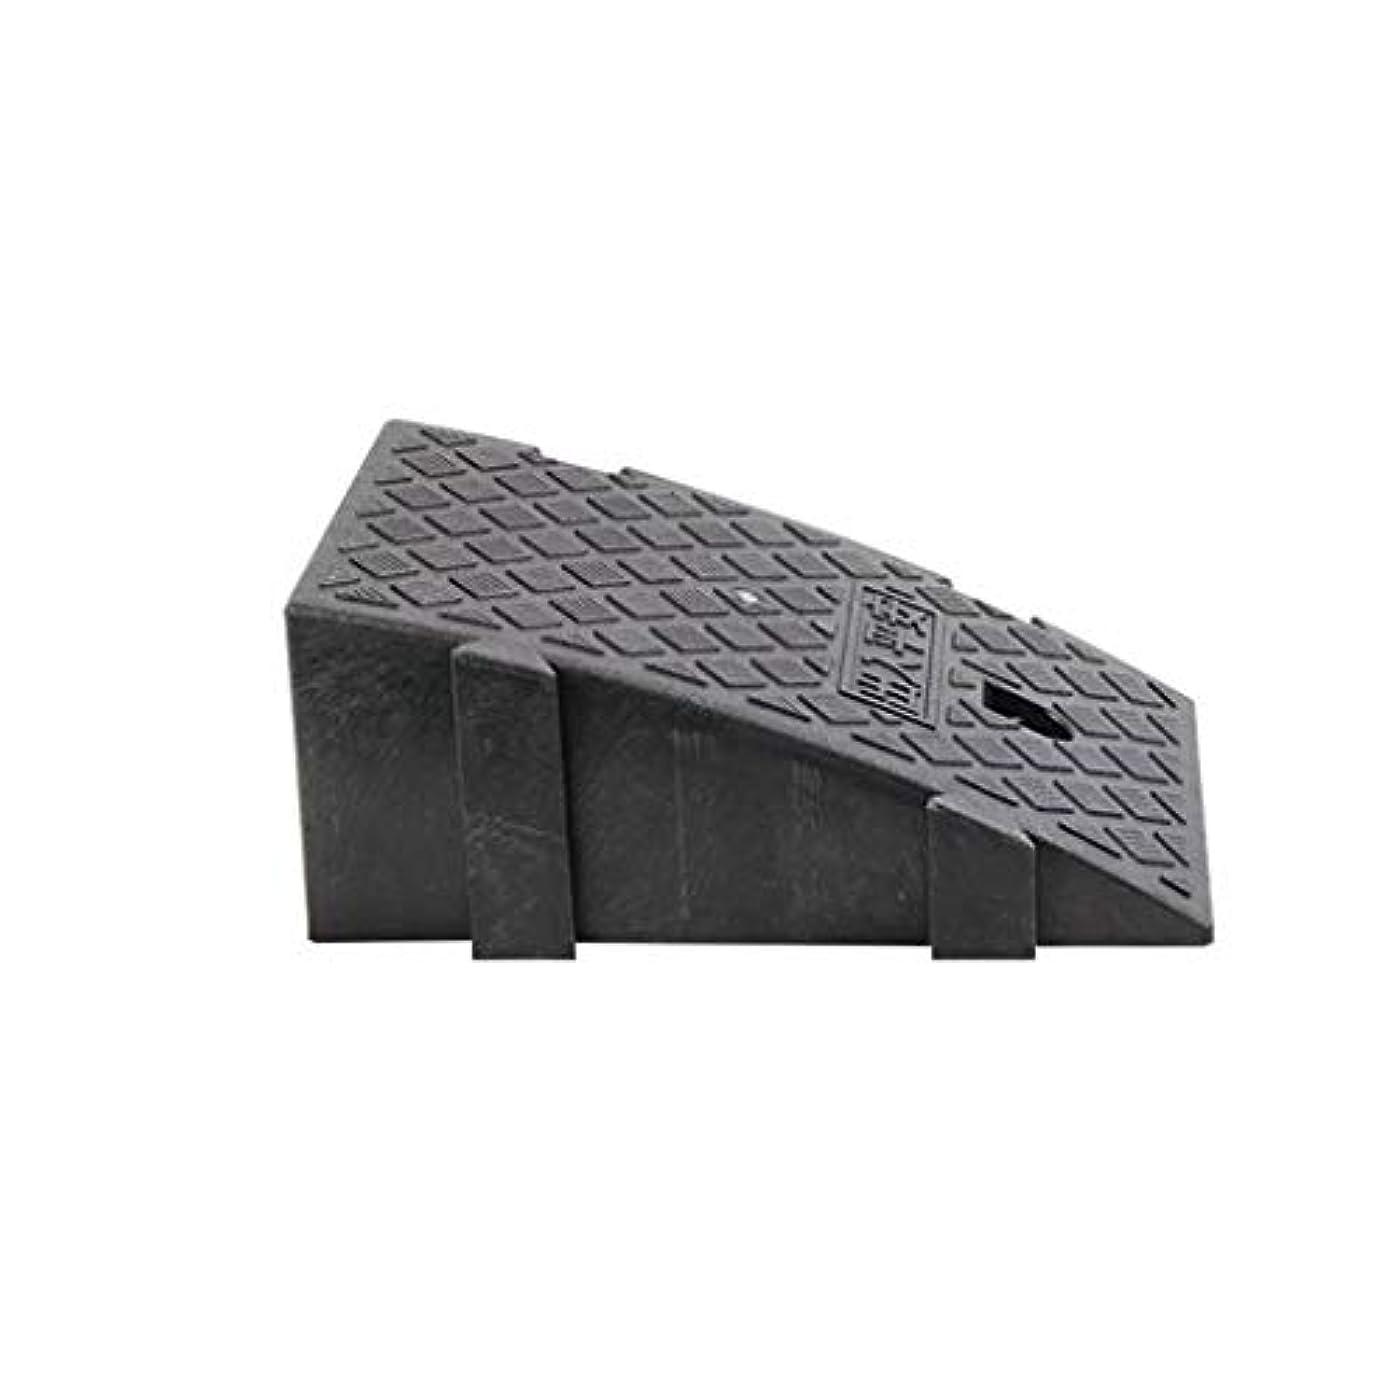 好み受け継ぐ作動するXUZgag ポータブルスロープパッド、車用傾斜路ポータブル小型トライアングルパッド上りパッドステップ階段車椅子上りパッド滑り止めマット ノンスリップ (Color : Black, Size : 24.5*43.5*18.5CM)